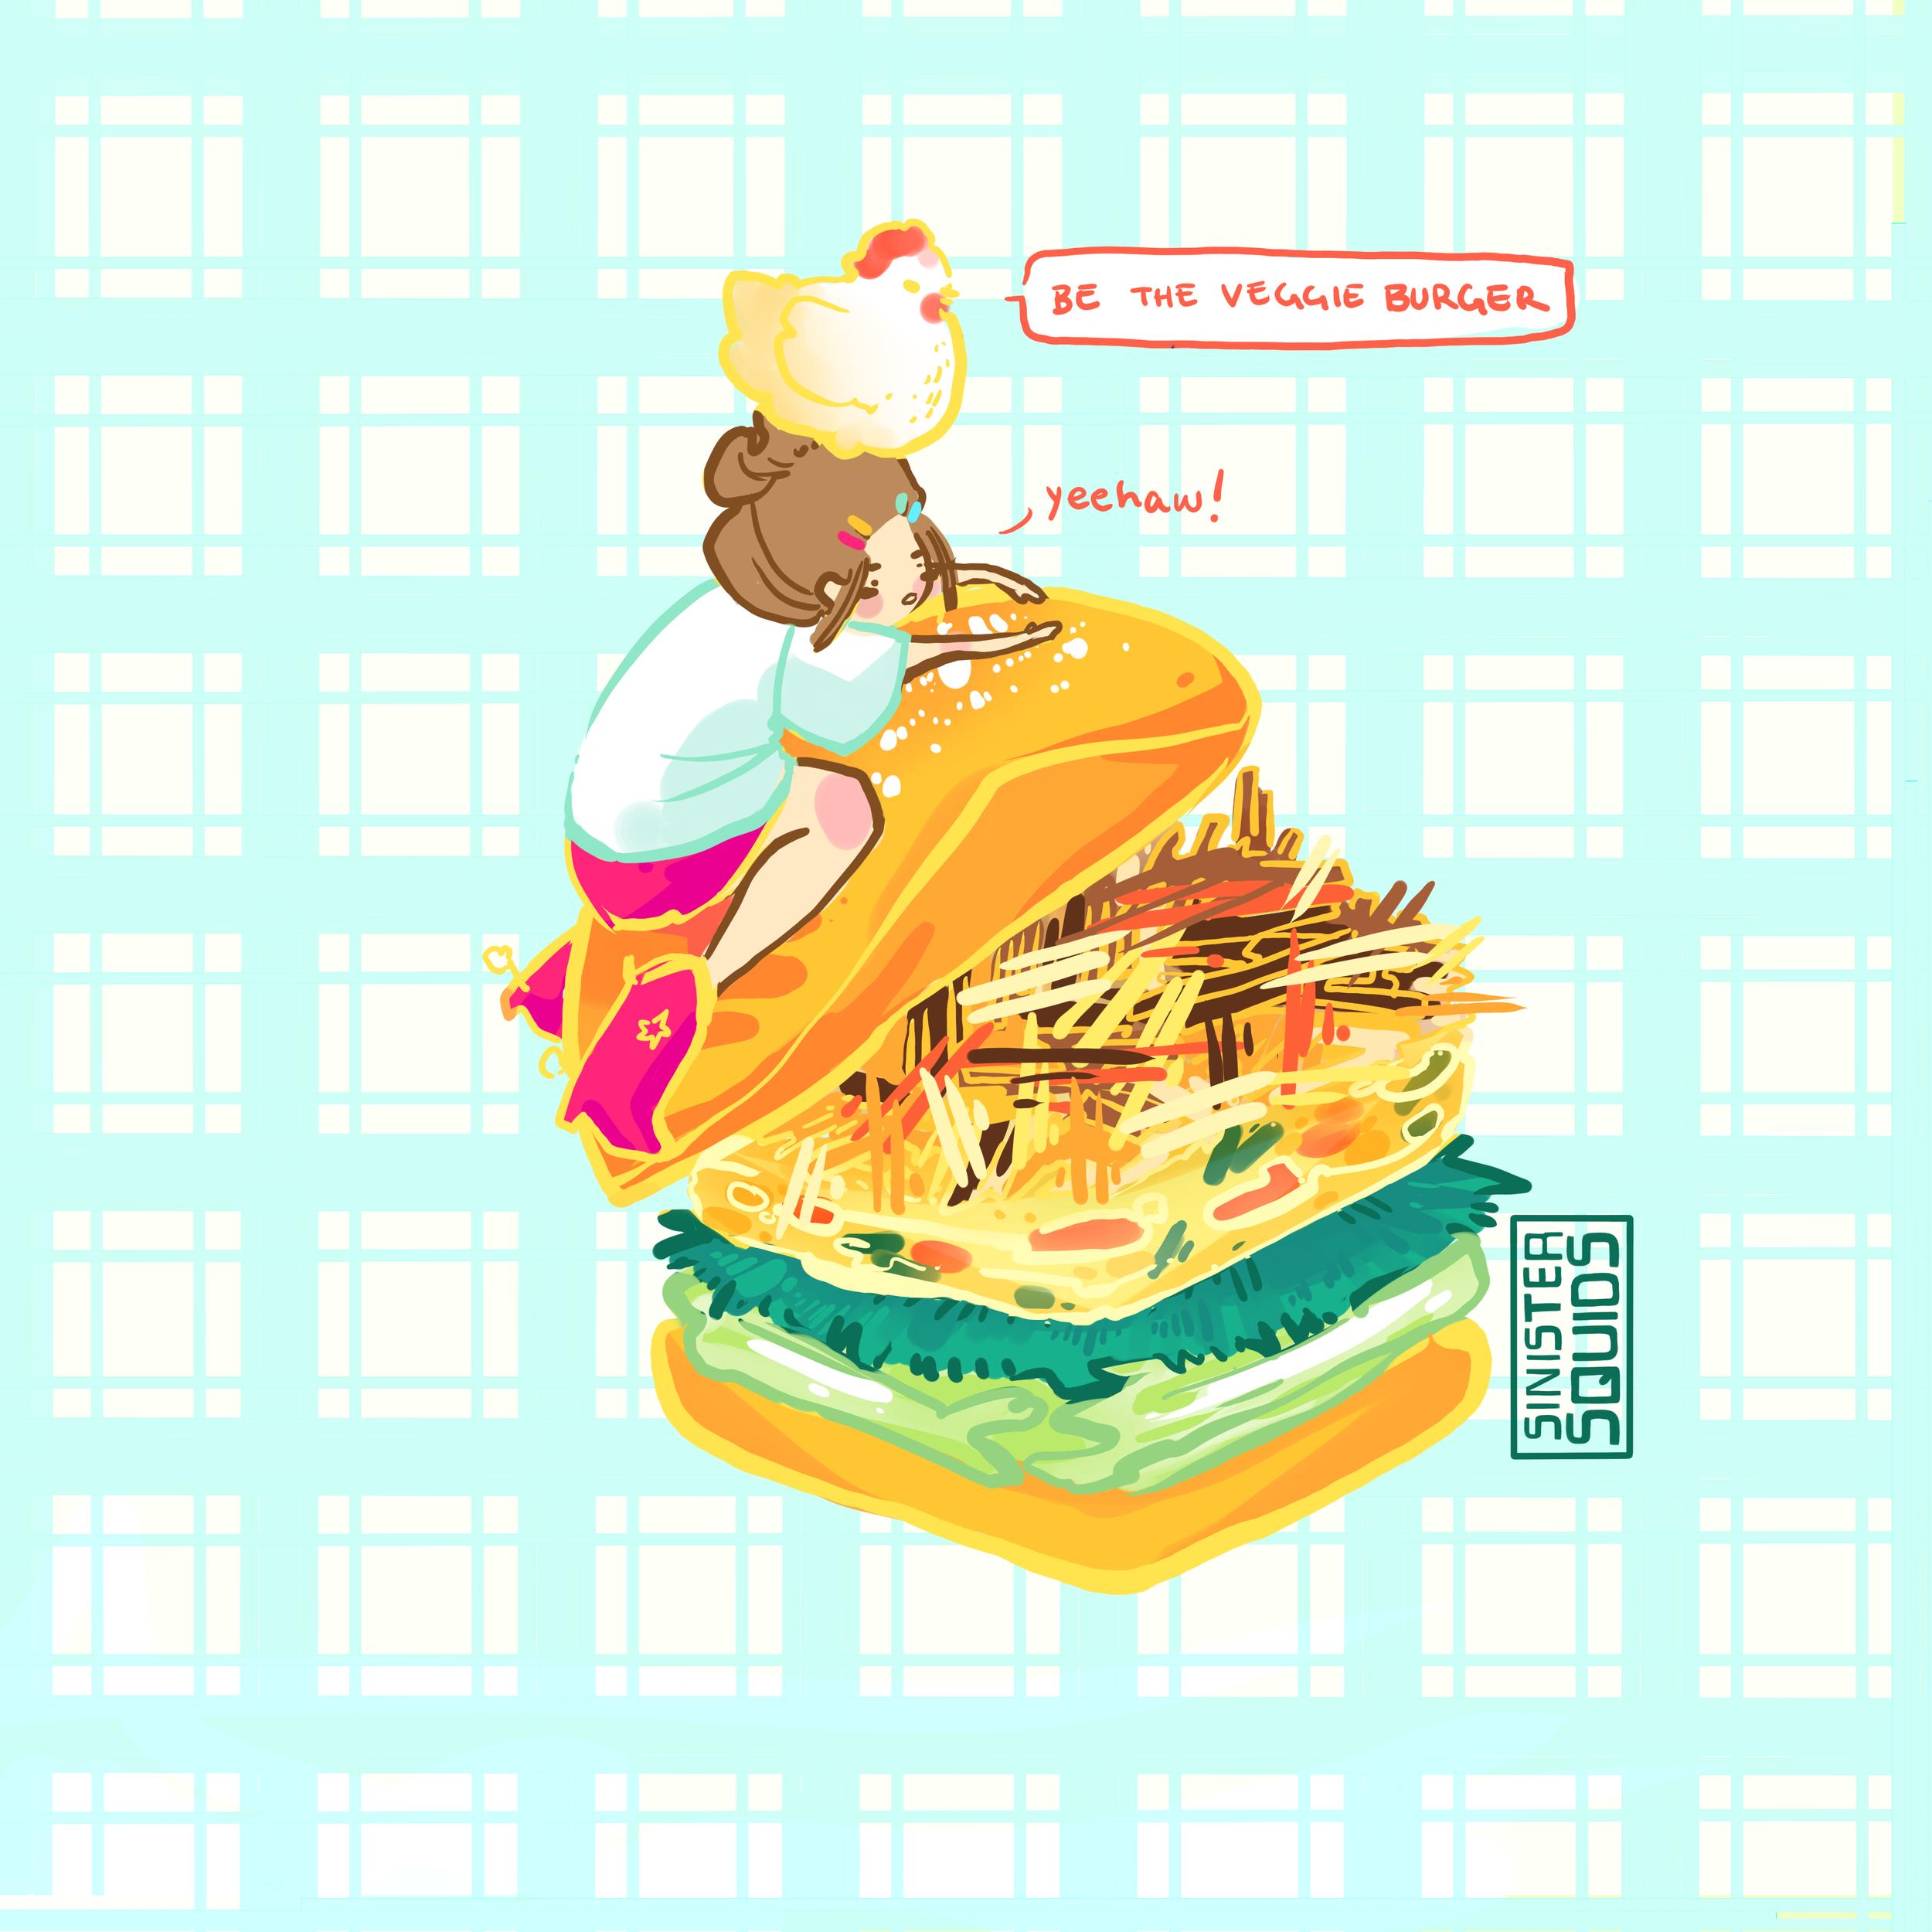 boulangriefrance-ya veges n tofu burger.png